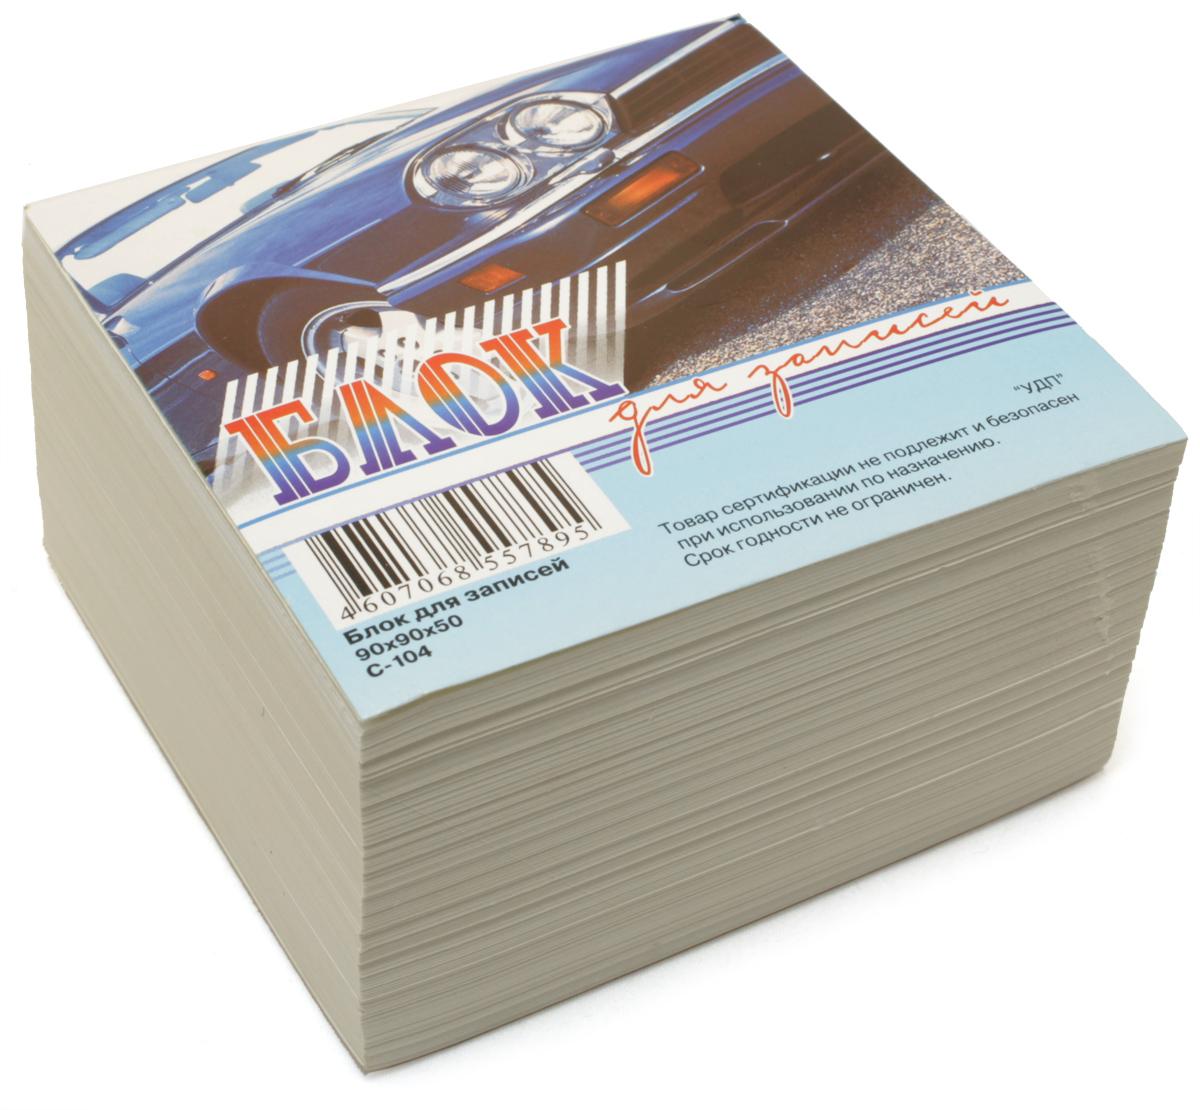 Ульяновский Дом печати Бумага для заметок цвет белый С-104 С-041С-104 С-041Бумага для заметок Ульяновский Дом печати - это удобное и практическое решение для быстрой записи информации дома или на работе. Блок состоит из листов белой бумаги и имеет размер 9 см х 9 см х 5 см.